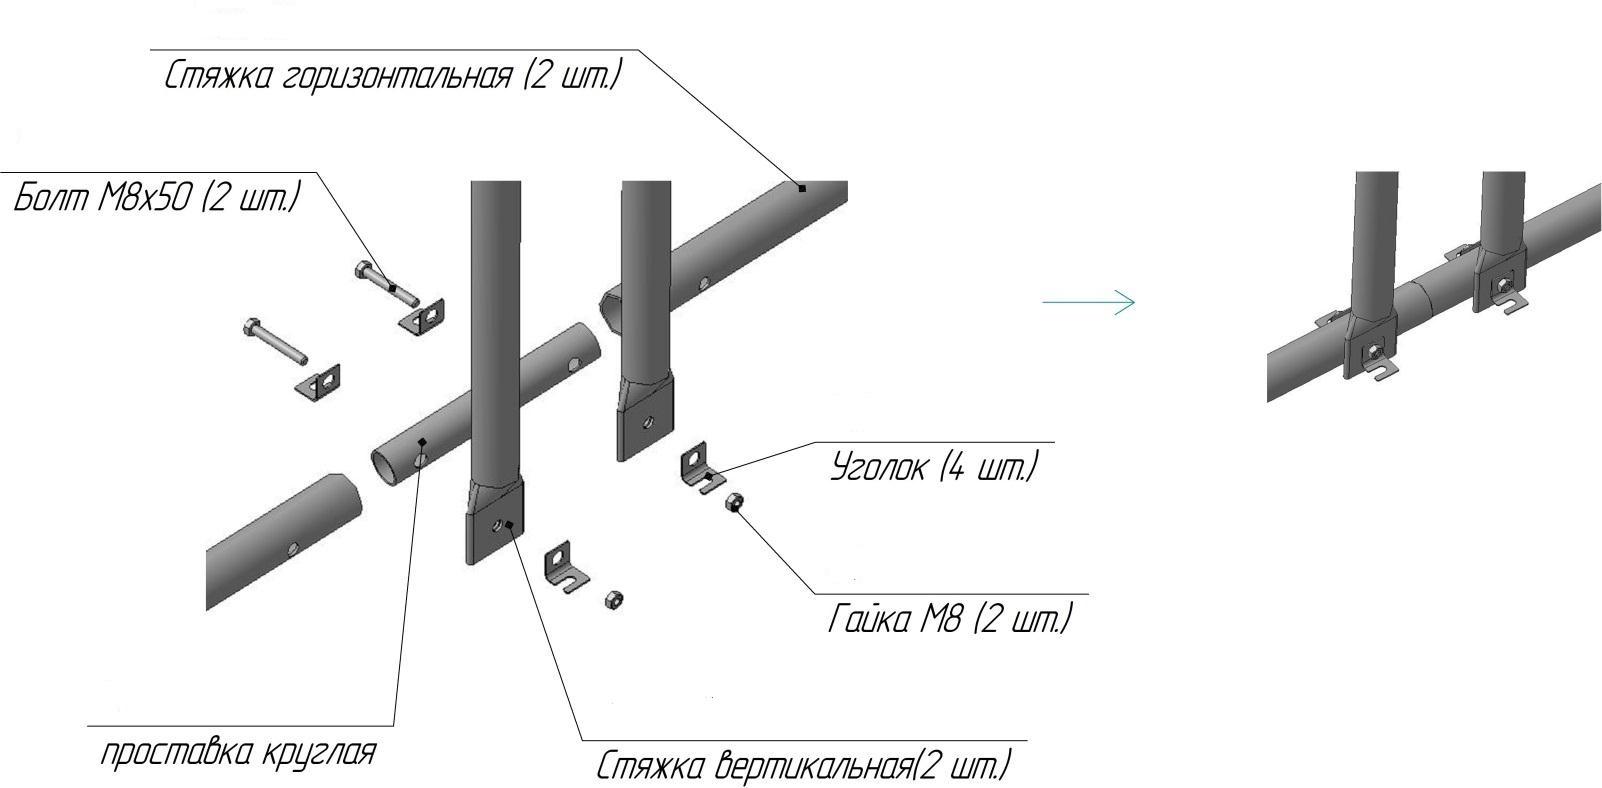 Соединение горизонтальных и вертикальных стяжек